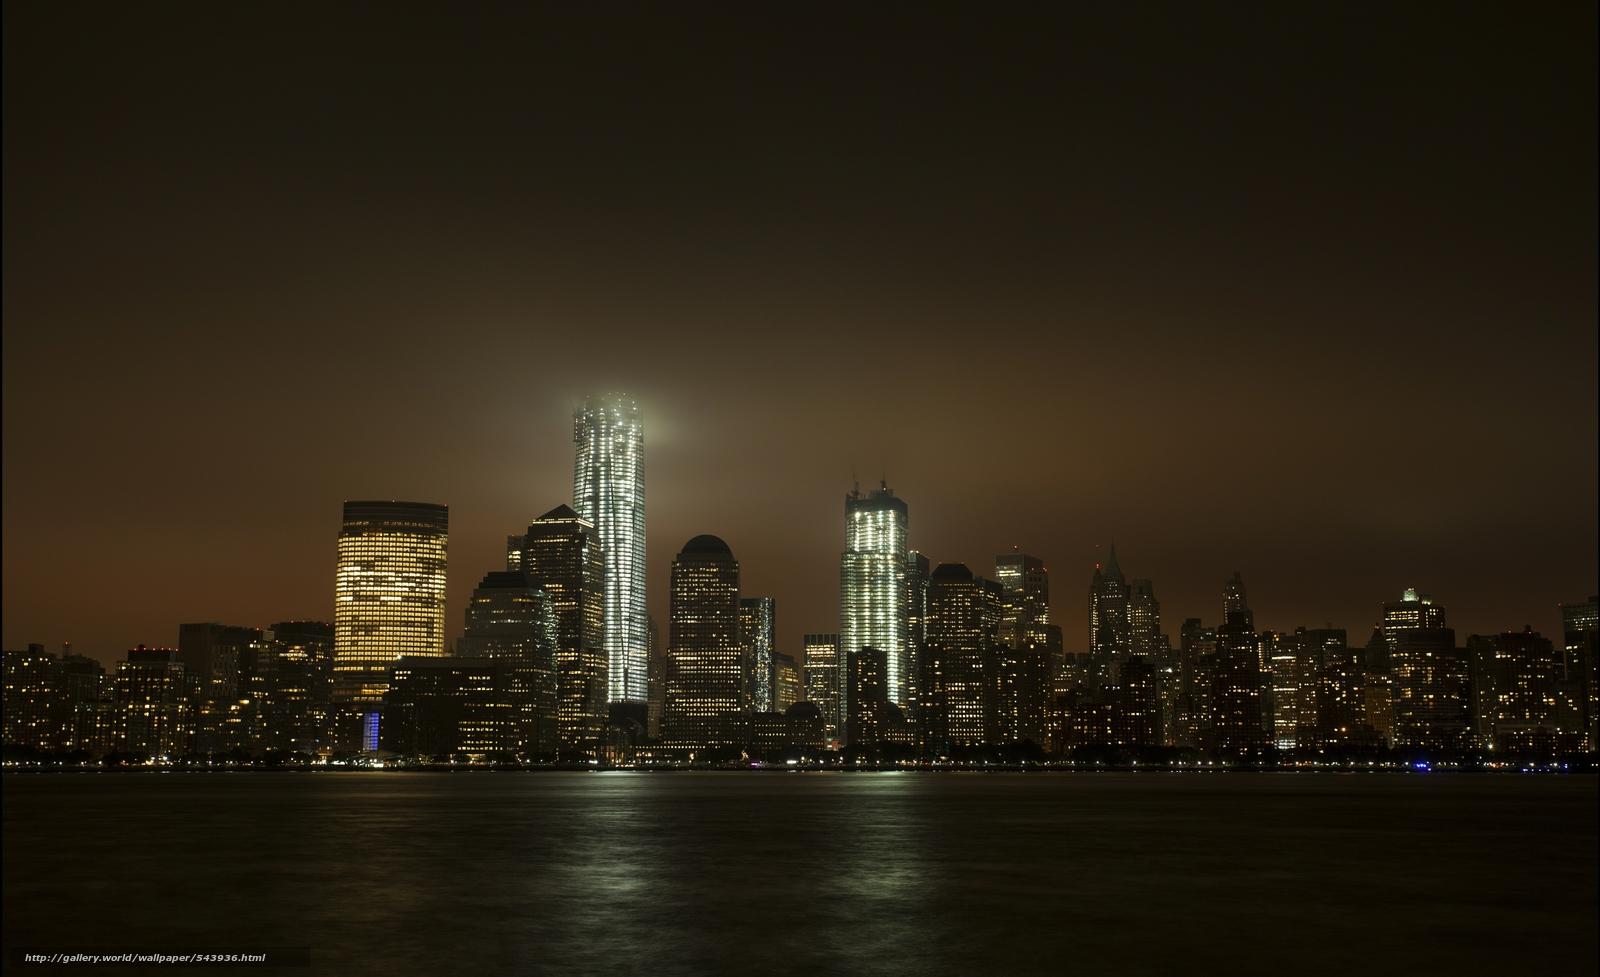 下载壁纸 纽约,  城市,  夜 免费为您的桌面分辨率的壁纸 5521x3370 — 图片 №543936